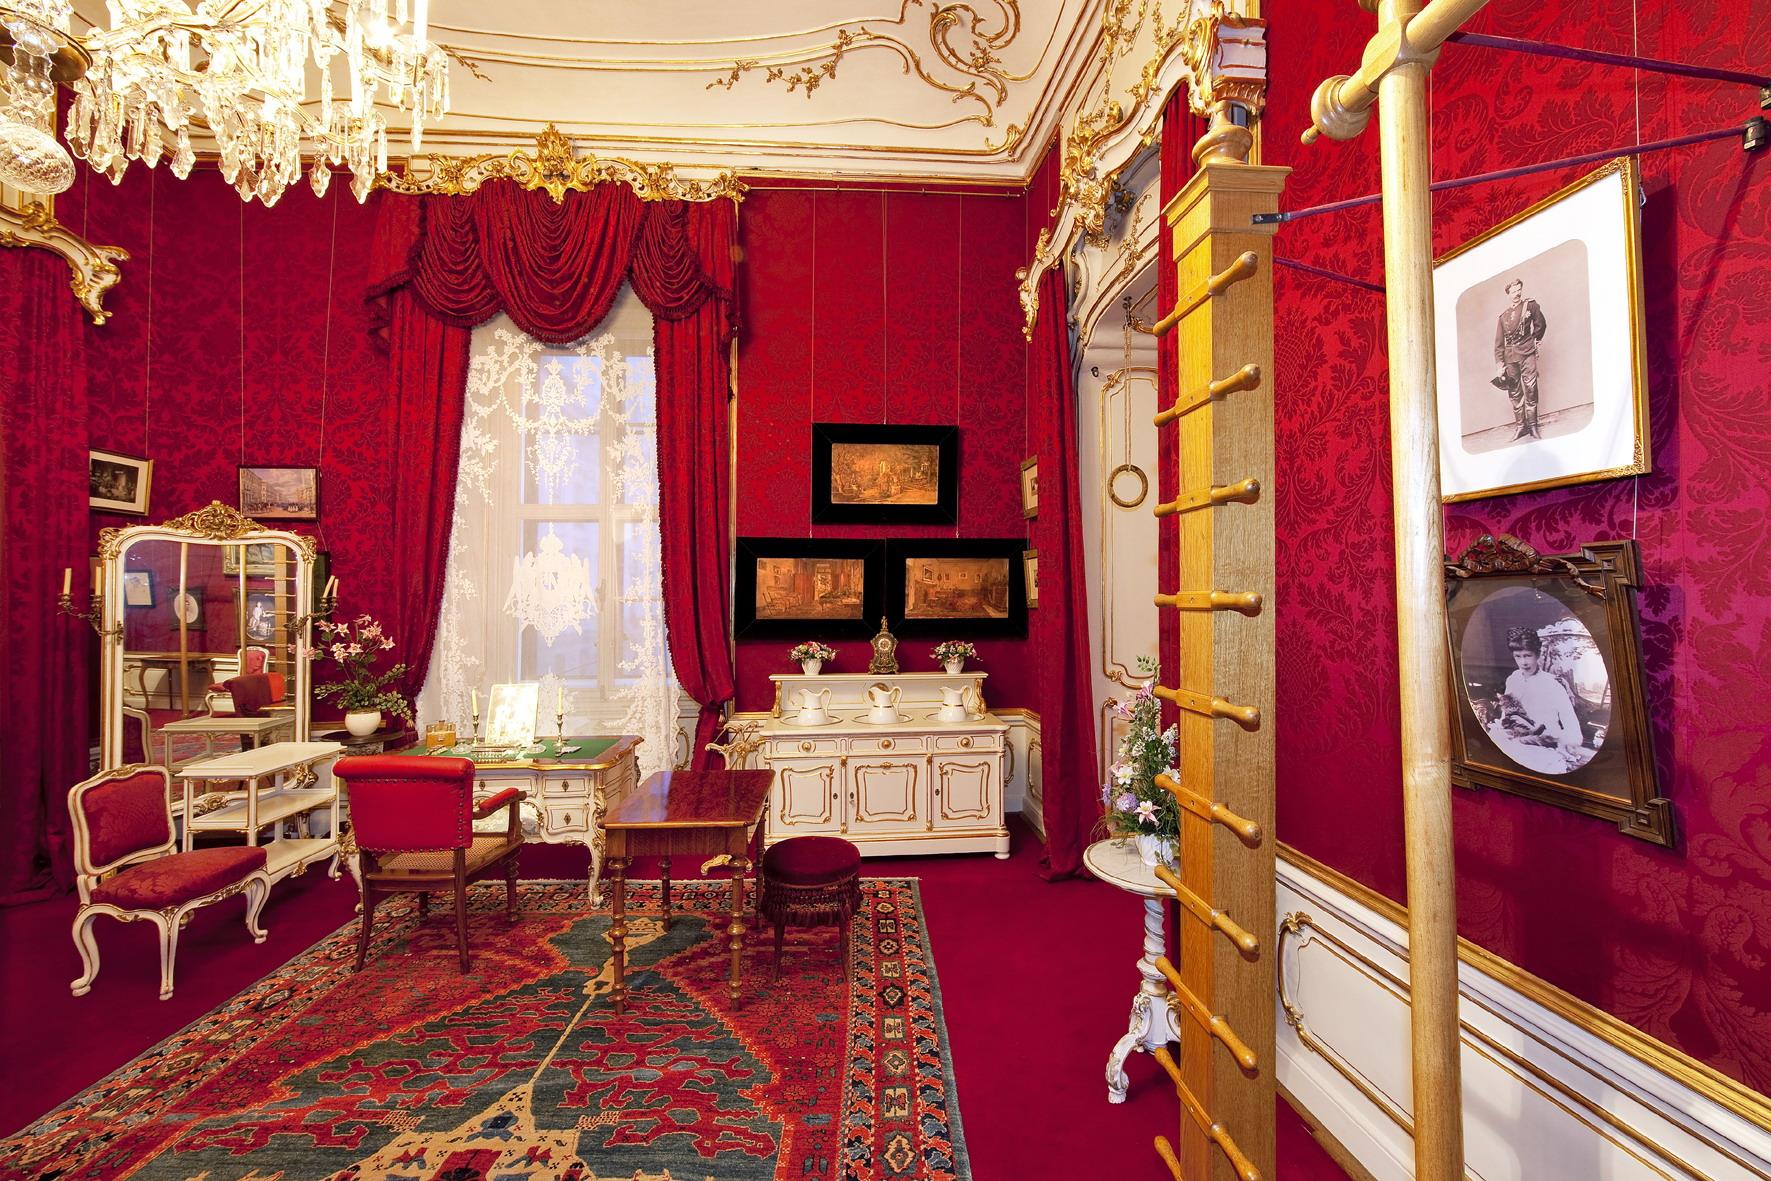 Hofburg Vienna, Empress Elisabeth's dressing/exercise room (Vienna Hofburg, Imperial Apartments) © Schloß Schönbrunn Kultur- und Betriebsges.m.b.H. - Lois Lammerhuber